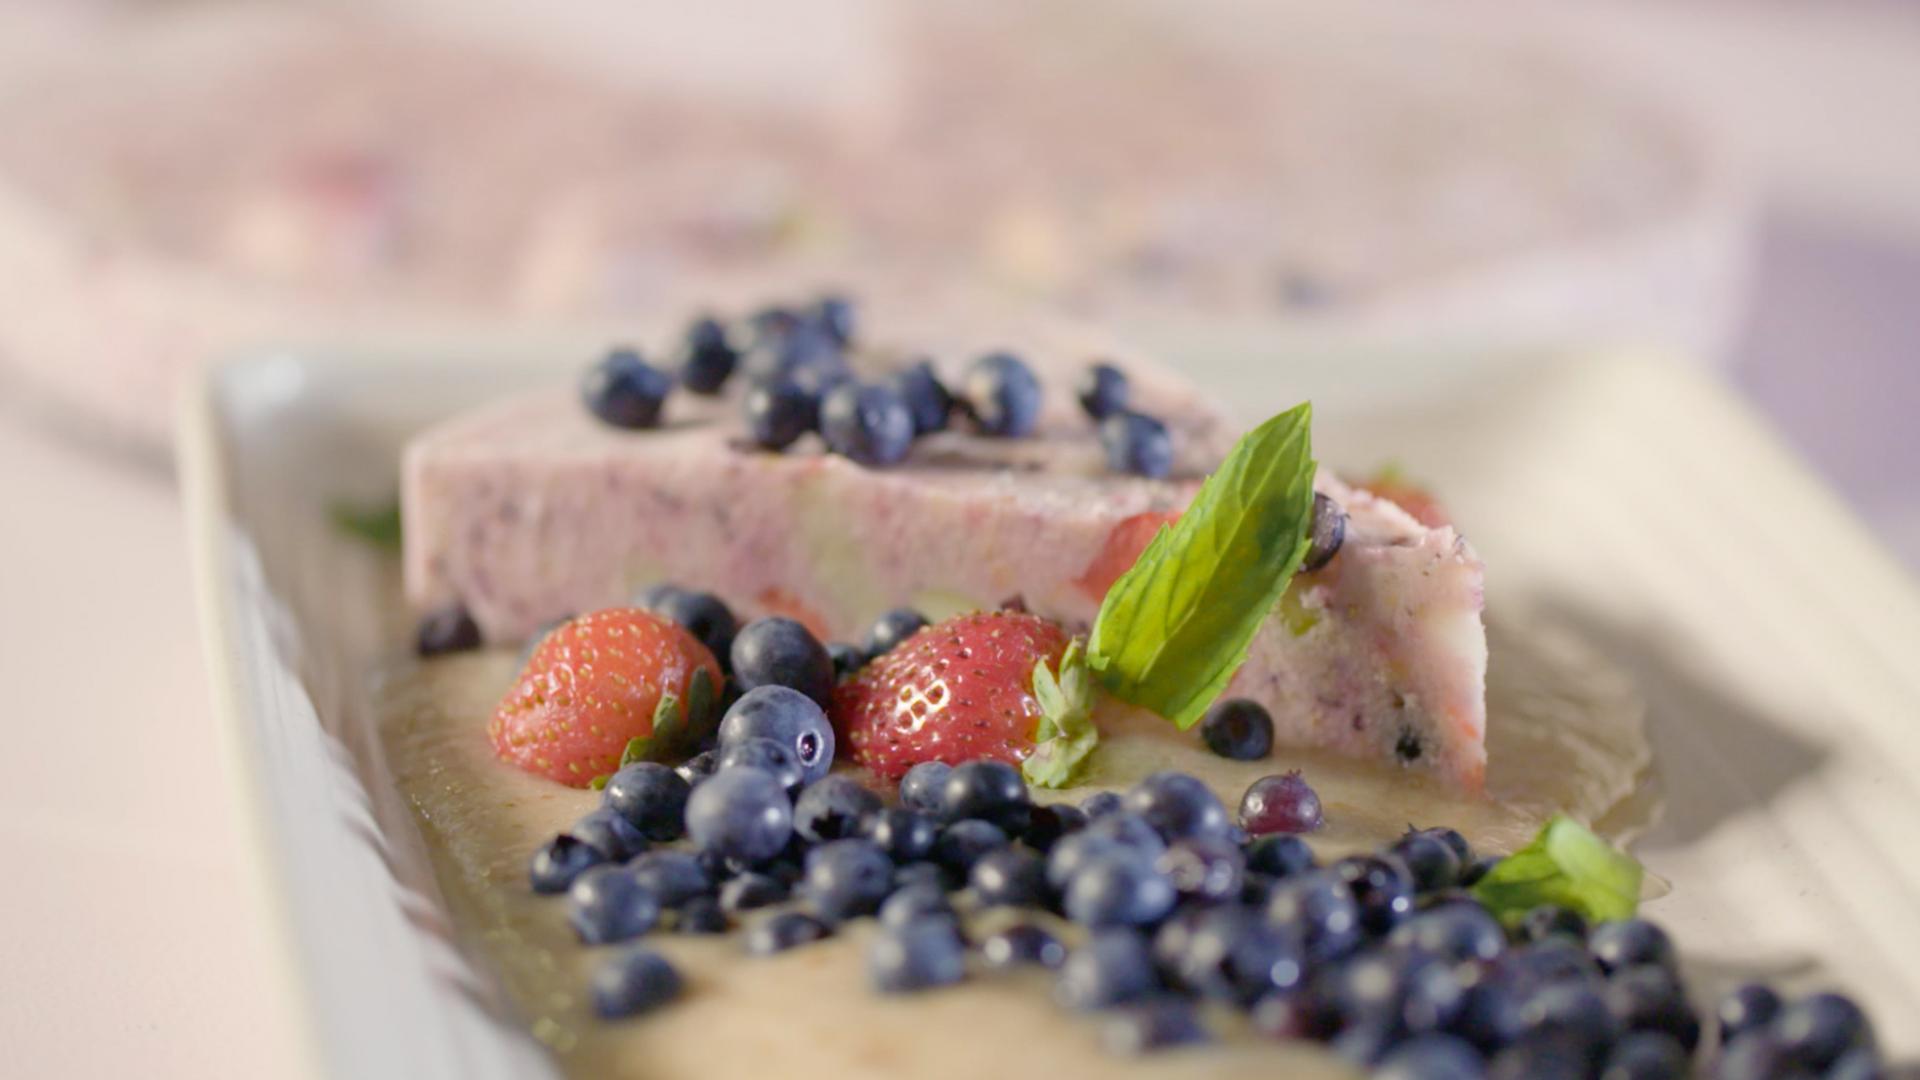 Gateau_glace_aux_petits_fruits_recette_anti_gaspillage_alimentaire_a_vos_frigos